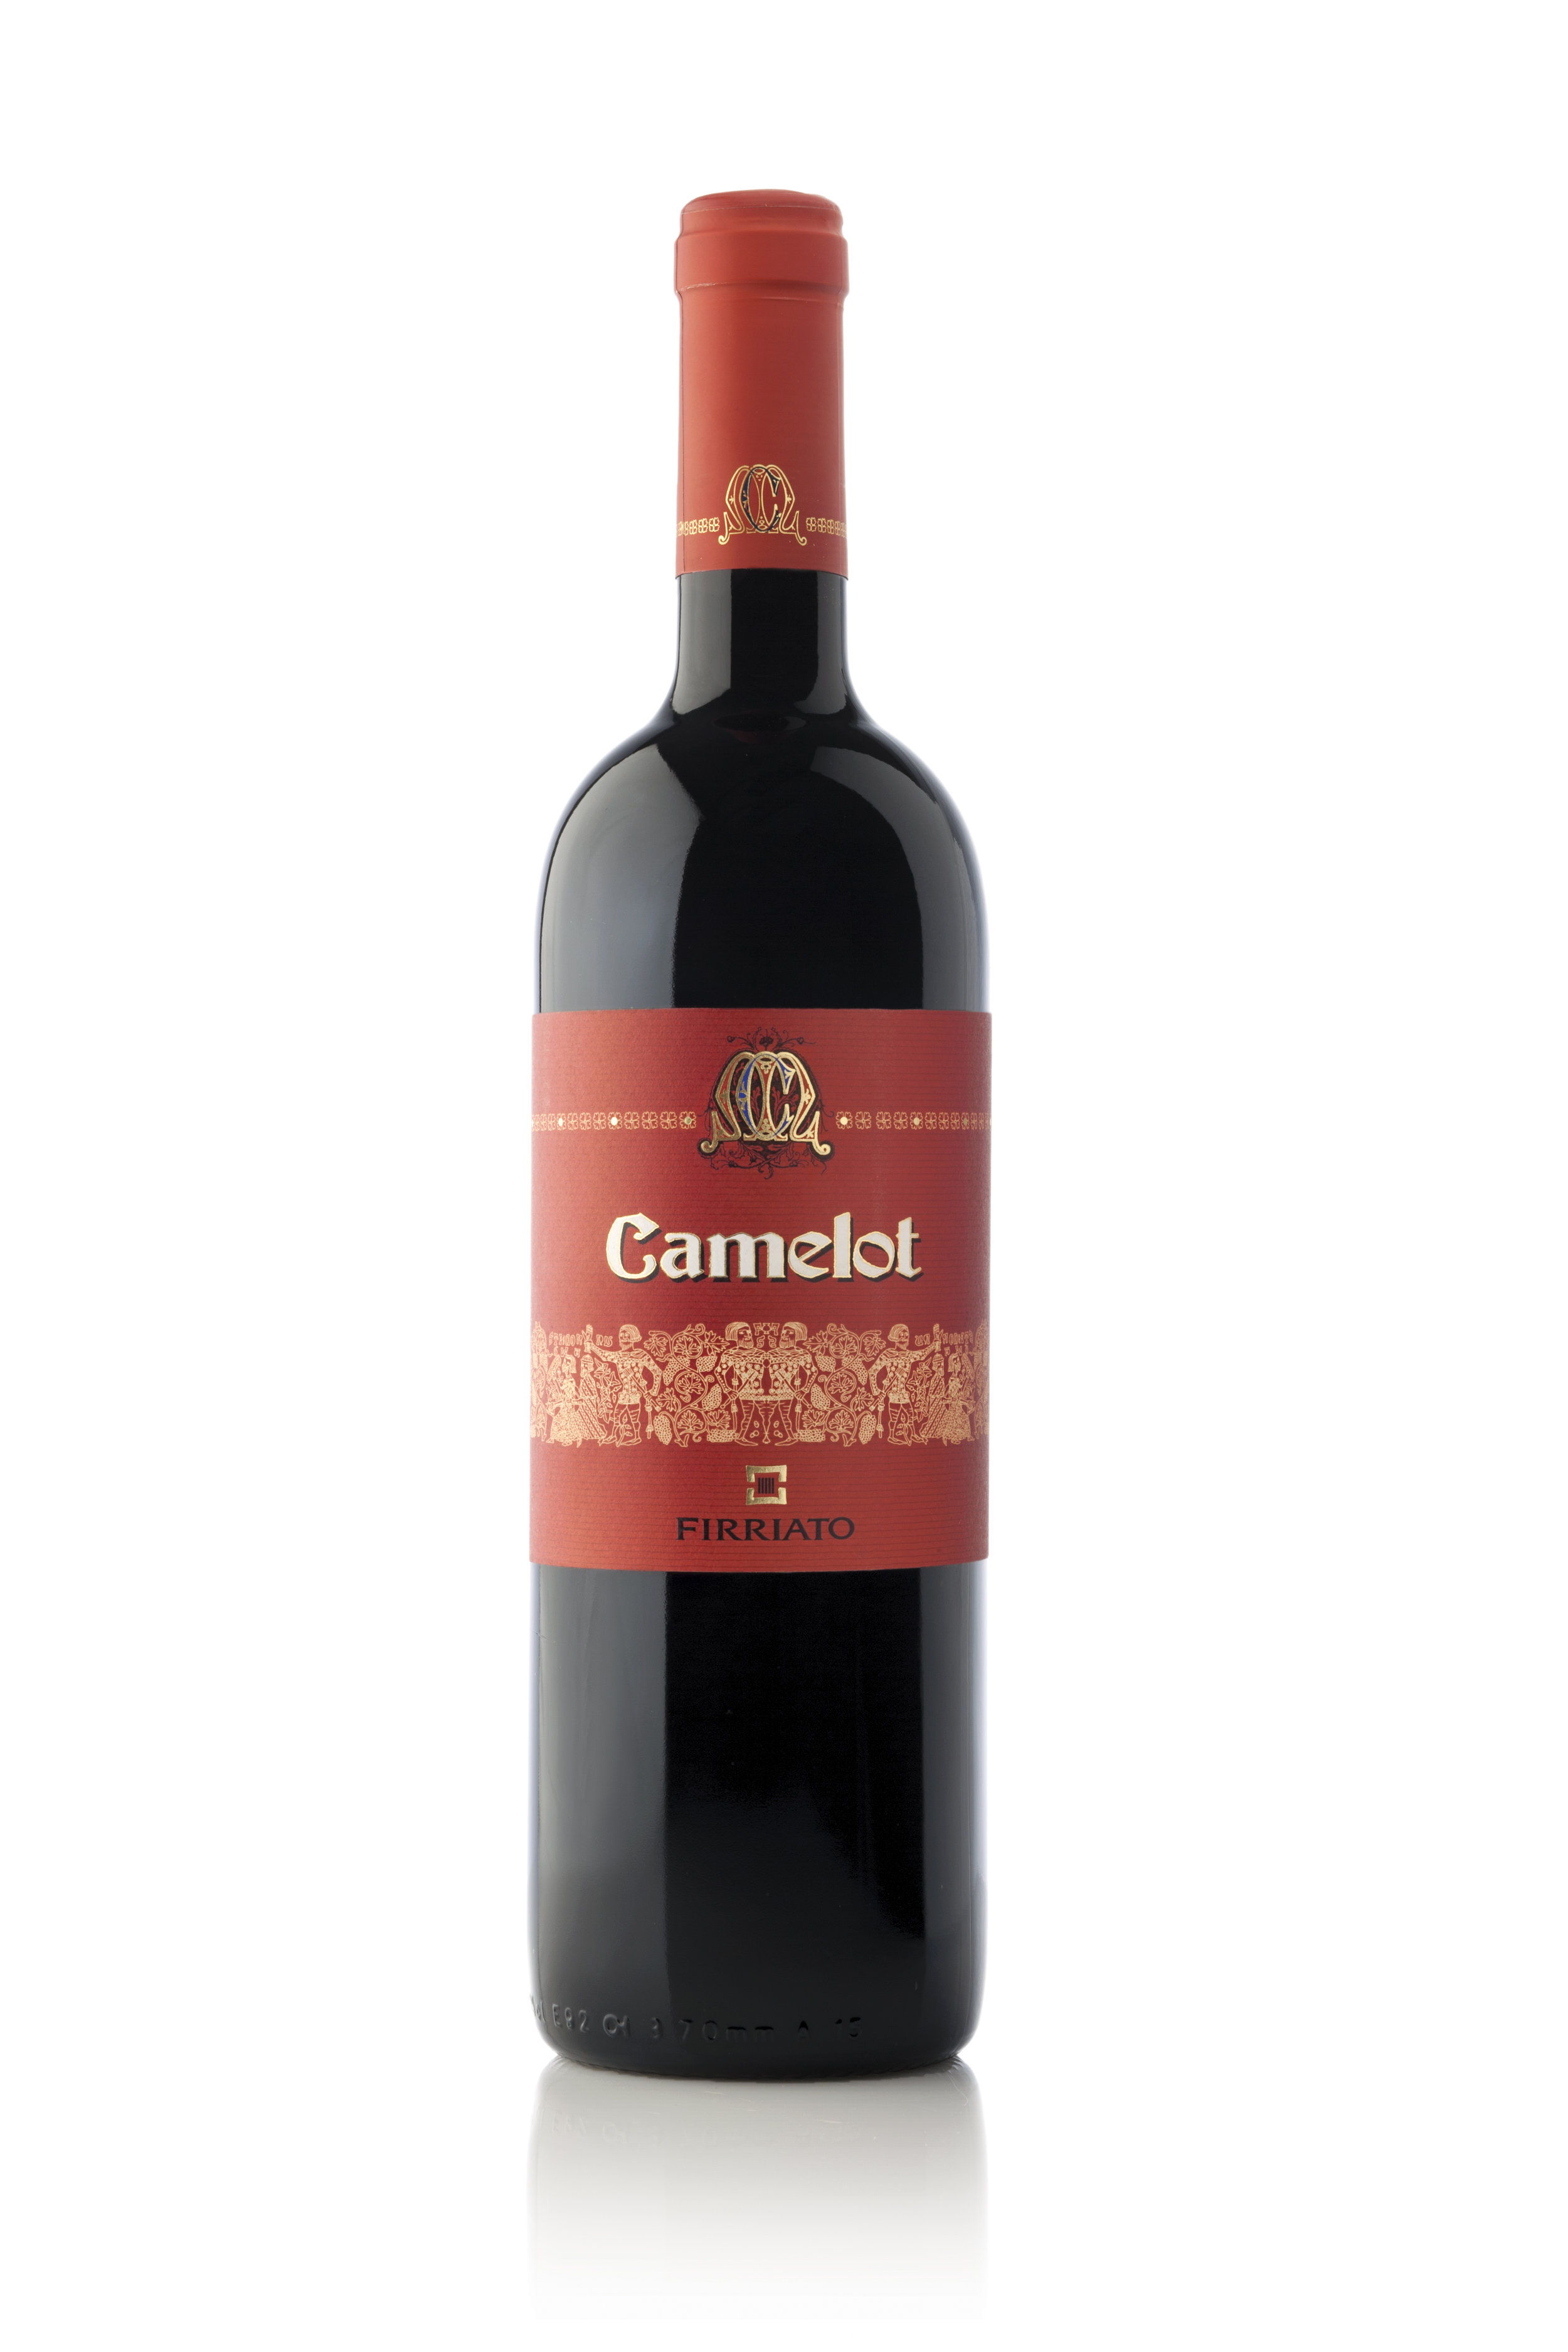 Camelot no data RGB.jpg